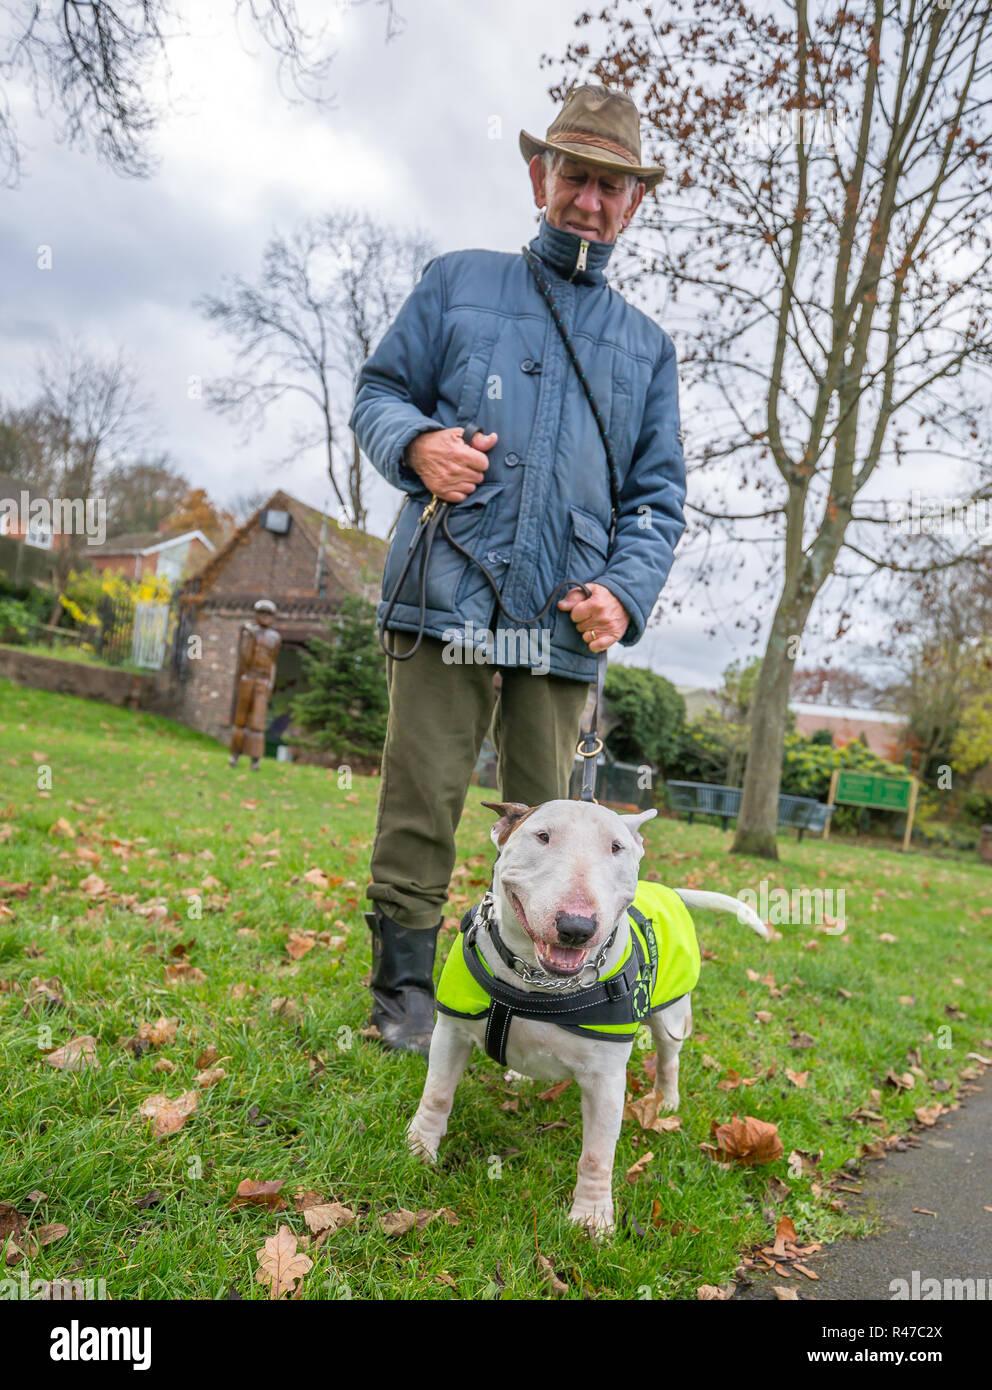 A basso angolo, vista frontale della lingua inglese Bull Terrier nel parco (autunno) indossare alta vis jacket, posa per fotocamera sul filo trattenuto dal maschio caucasico proprietario in hat. Immagini Stock